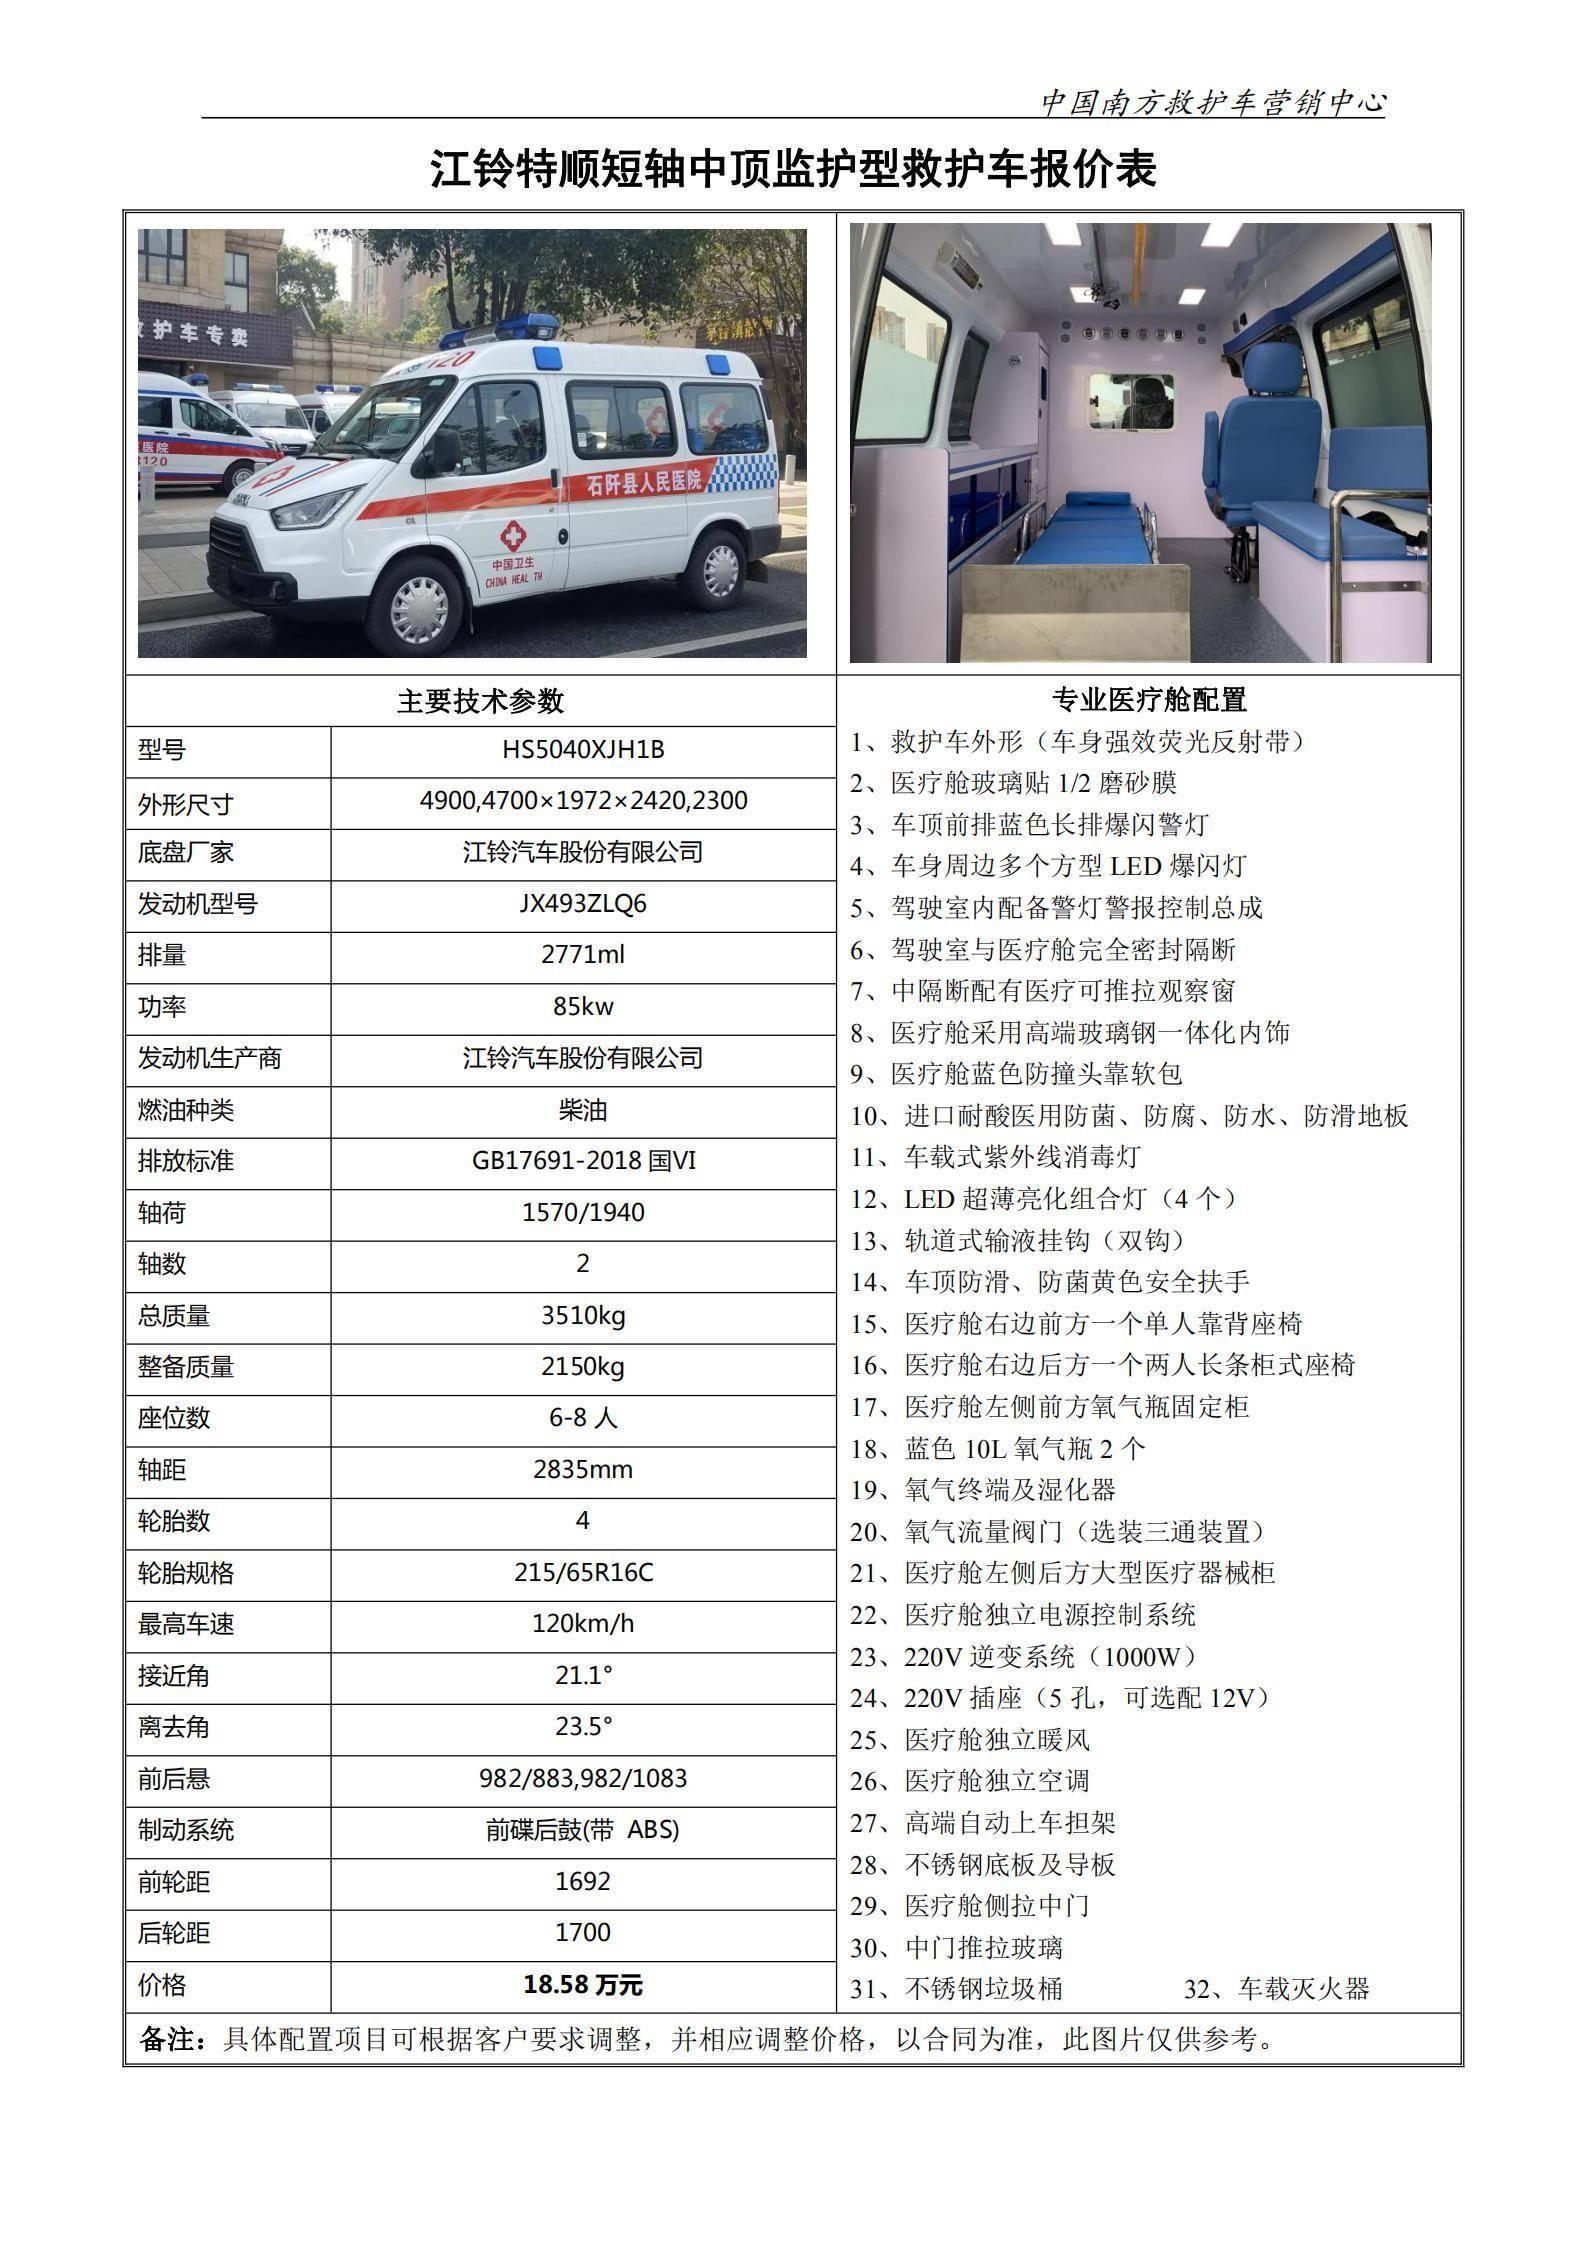 18、江铃特顺短中监护型救护车_00